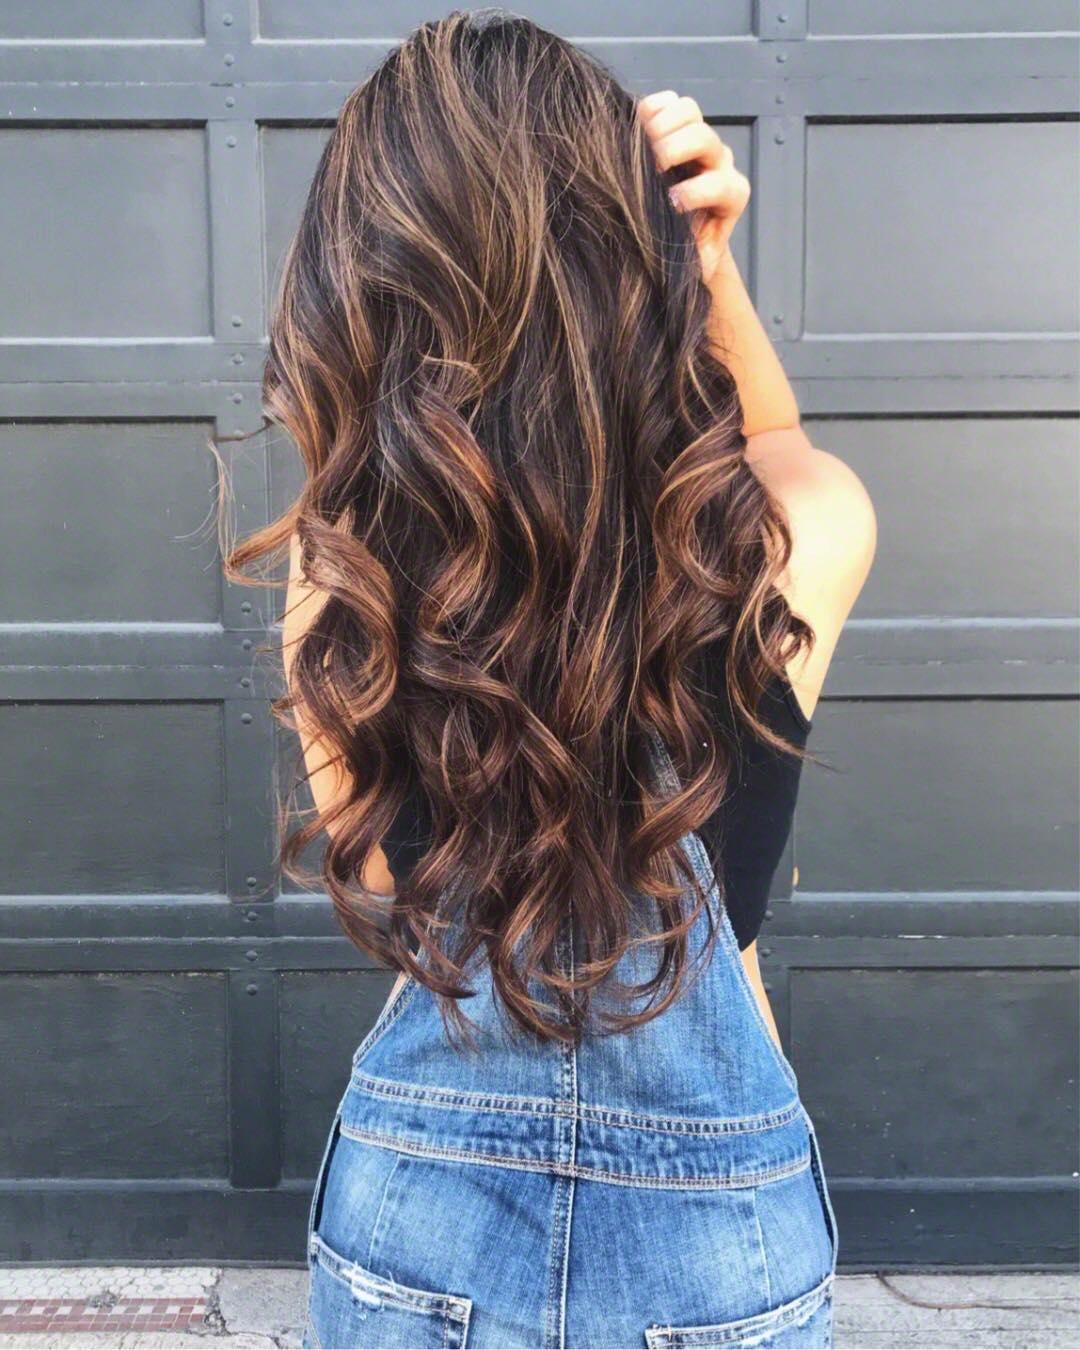 5 culori de păr care te vor întineri